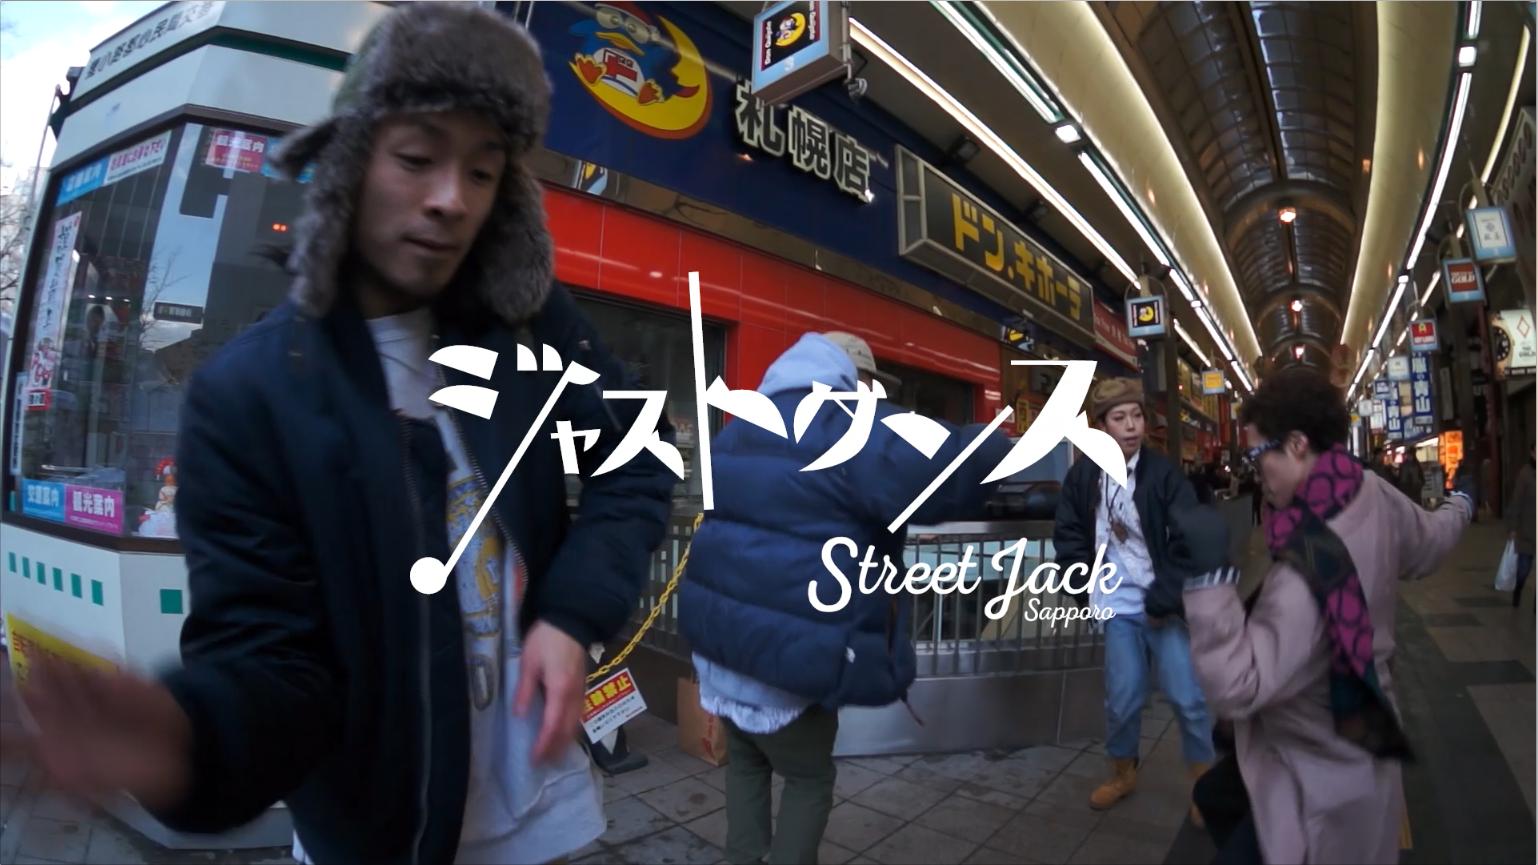 ジャストダンス -Street Jack Sapporo-【MAME/UKI on Fire/RYOKO/SE-YA】